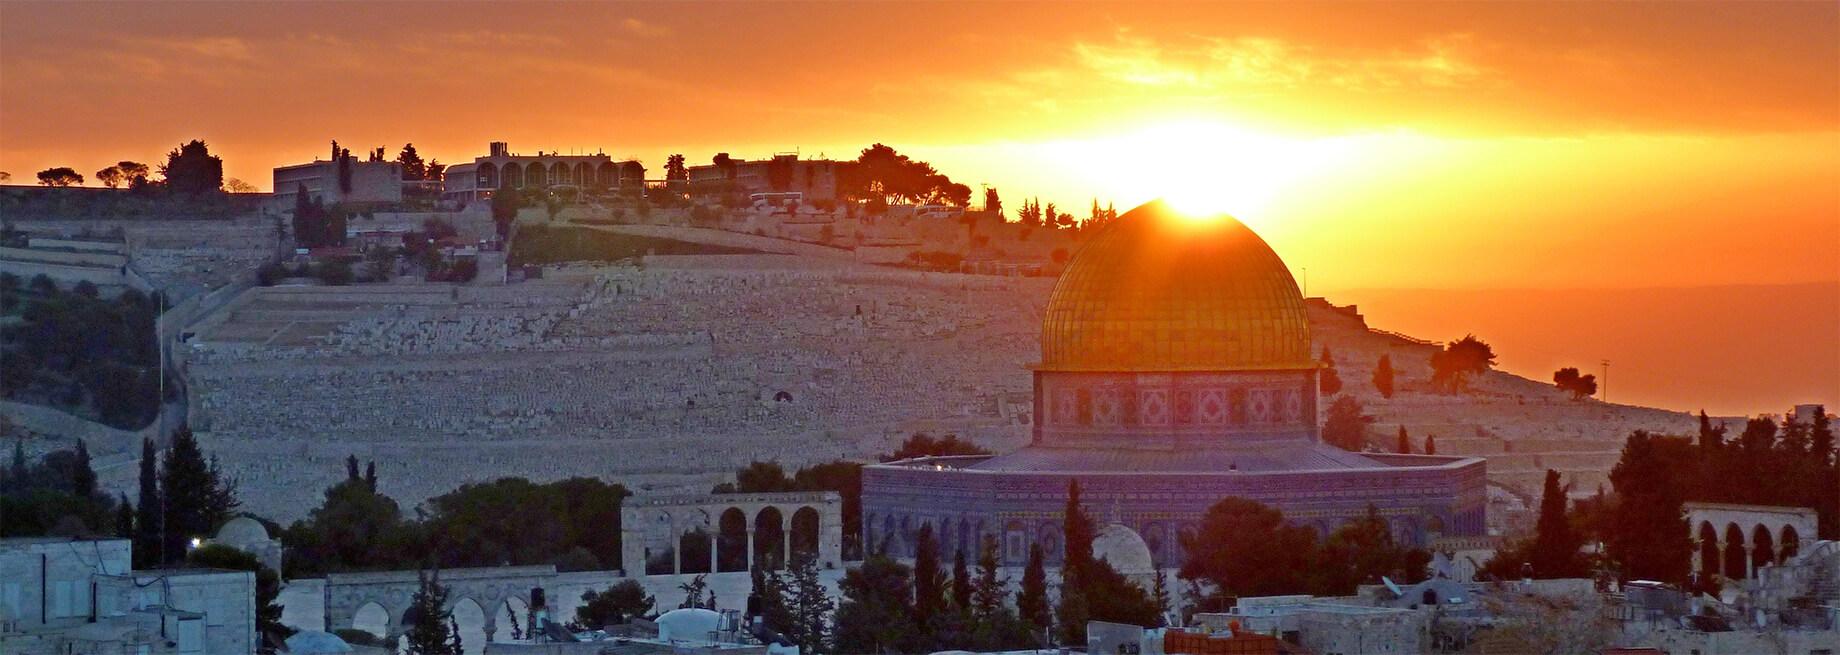 Sea-Heritage-Israel-Jerusalem